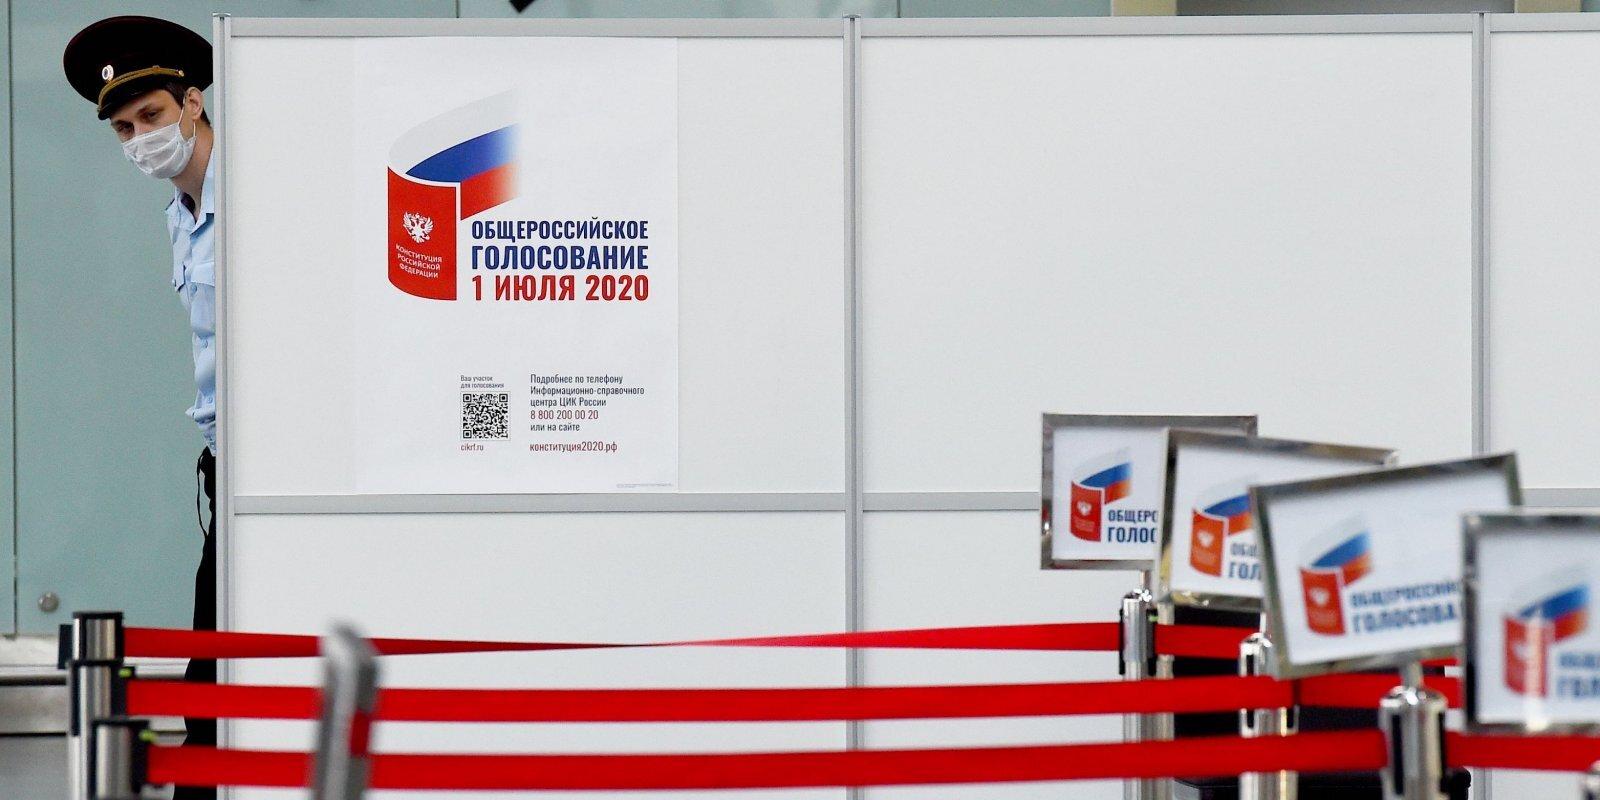 Исправленному верить. Зачем Россия вносит поправки к Конституции и что с ними не так